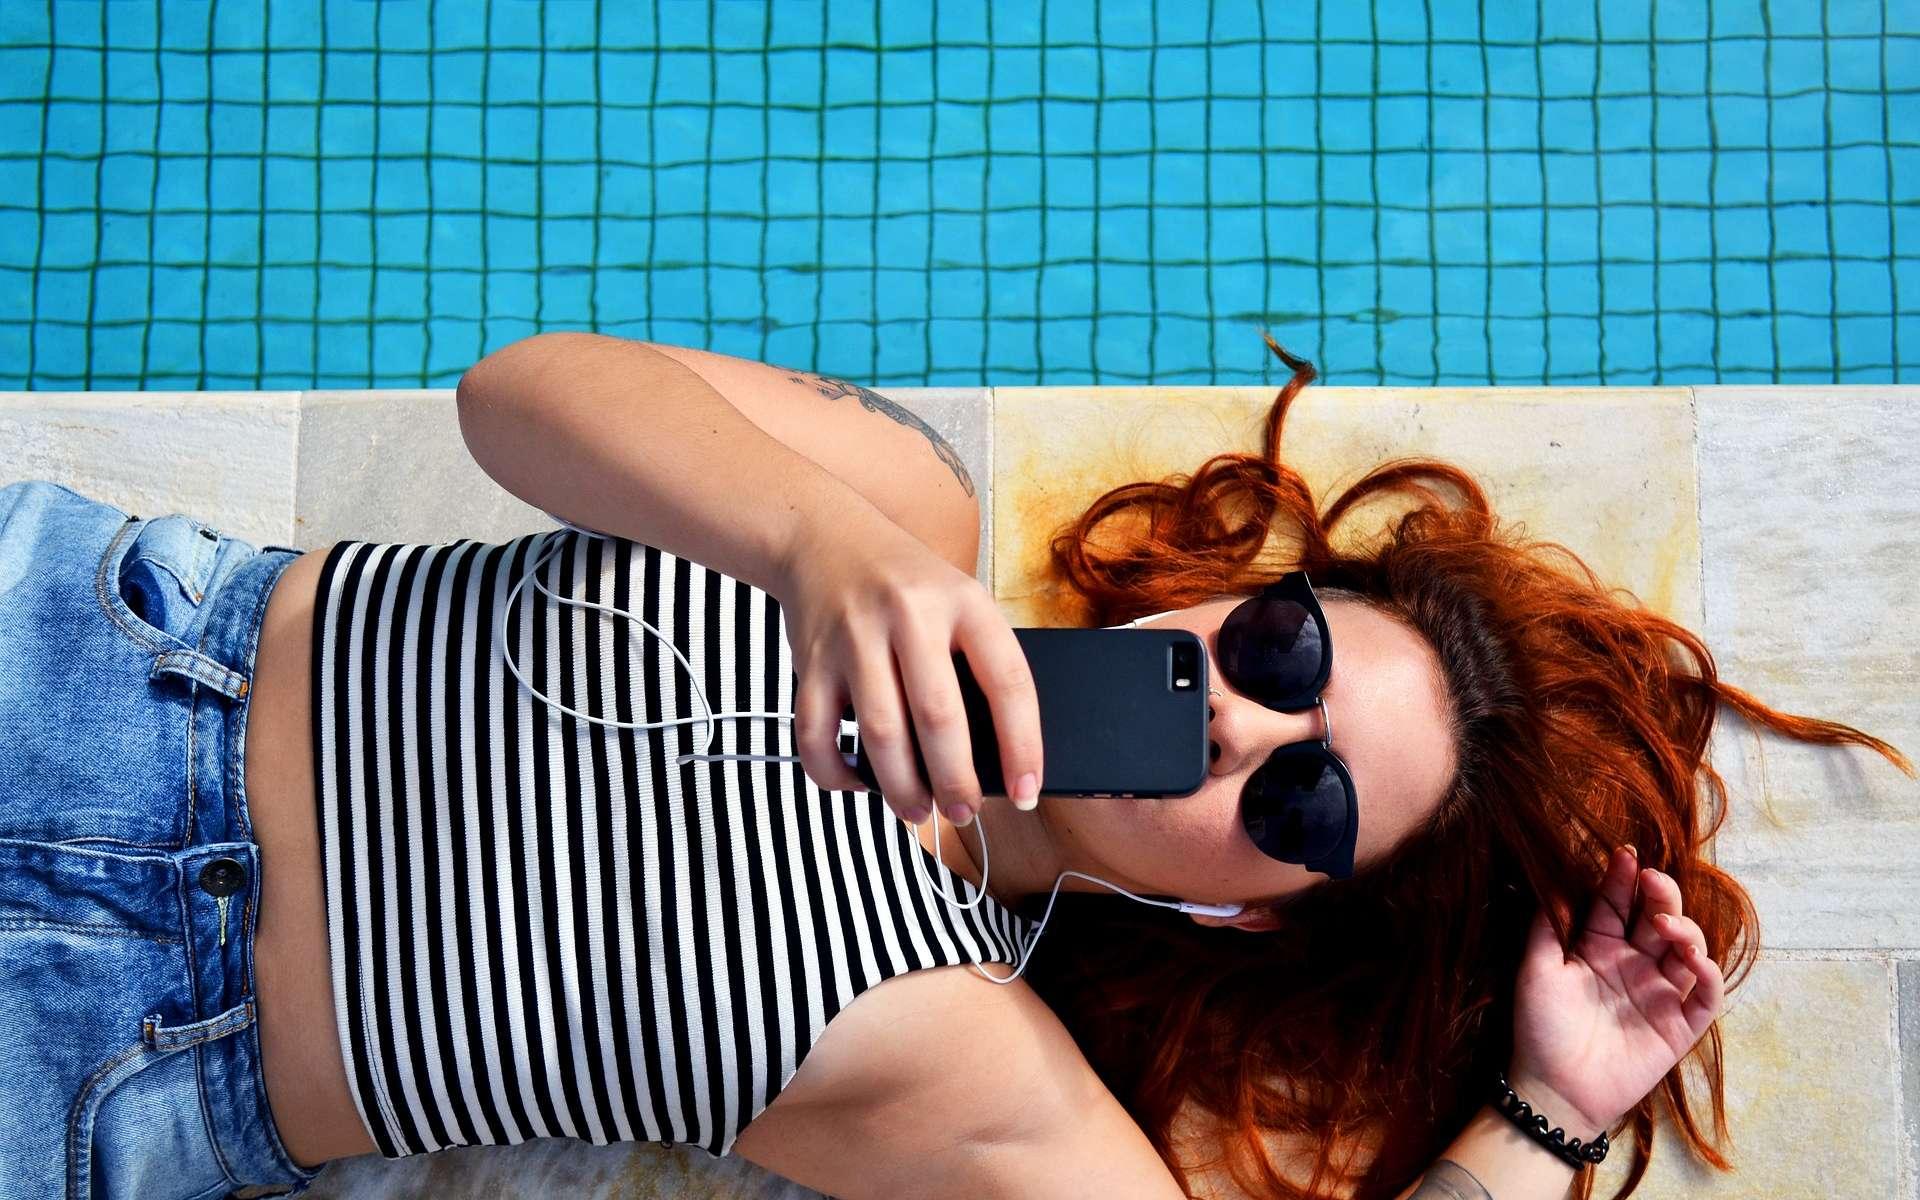 Le forfait 5 Go à seulement 5 euros par mois chez RED by SFR © Pexels, Pixabay